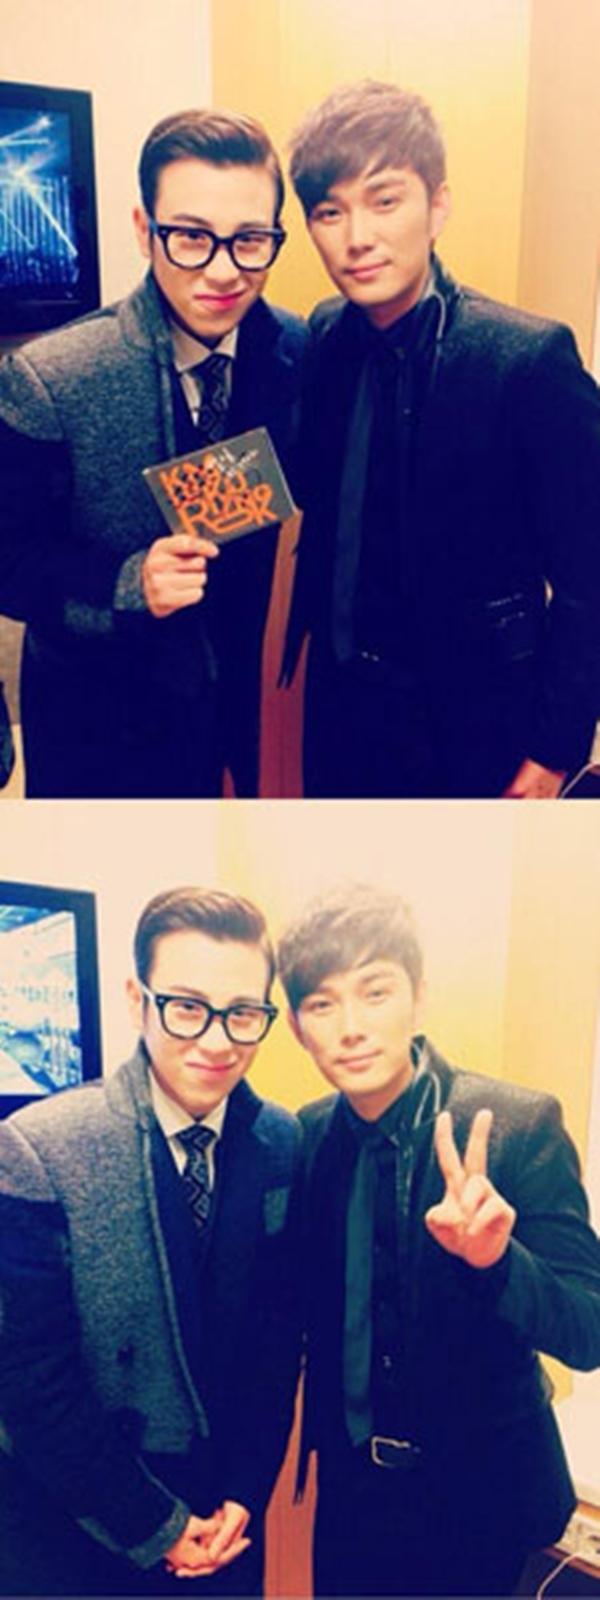 PO ( Block B) khoe anh chụp cùng VOSKim Kyung Rok ở hậu trường của buổi phát sóng ngày 9-1 củaMnet M COUNTDOWN